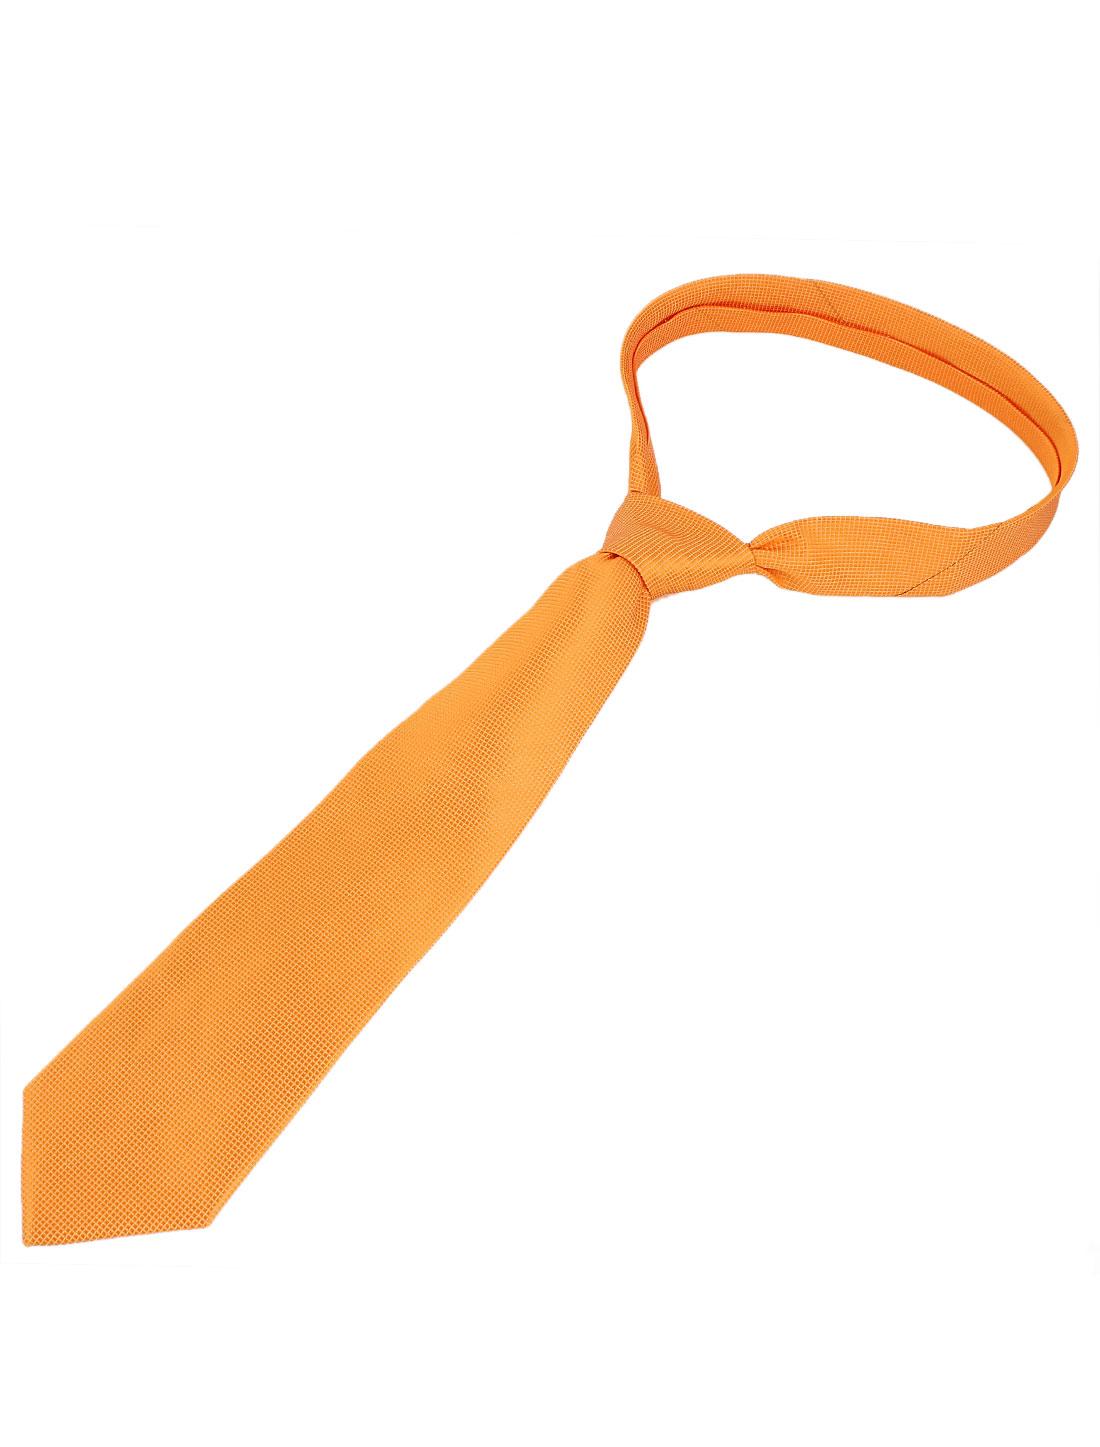 Men Checked Pattern Polyester Self Tie Adjustable Neckwear Necktie Orange